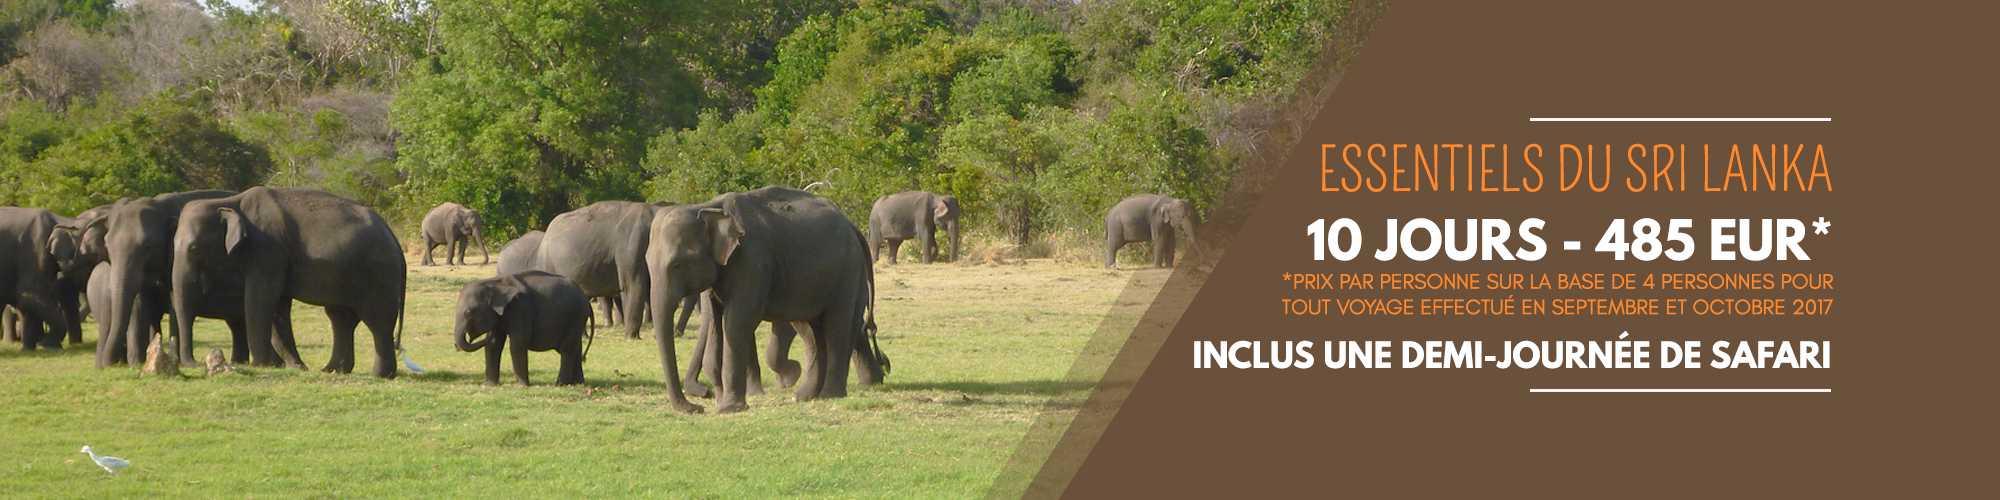 Circuits nature et vie sauvage au Sri Lanka